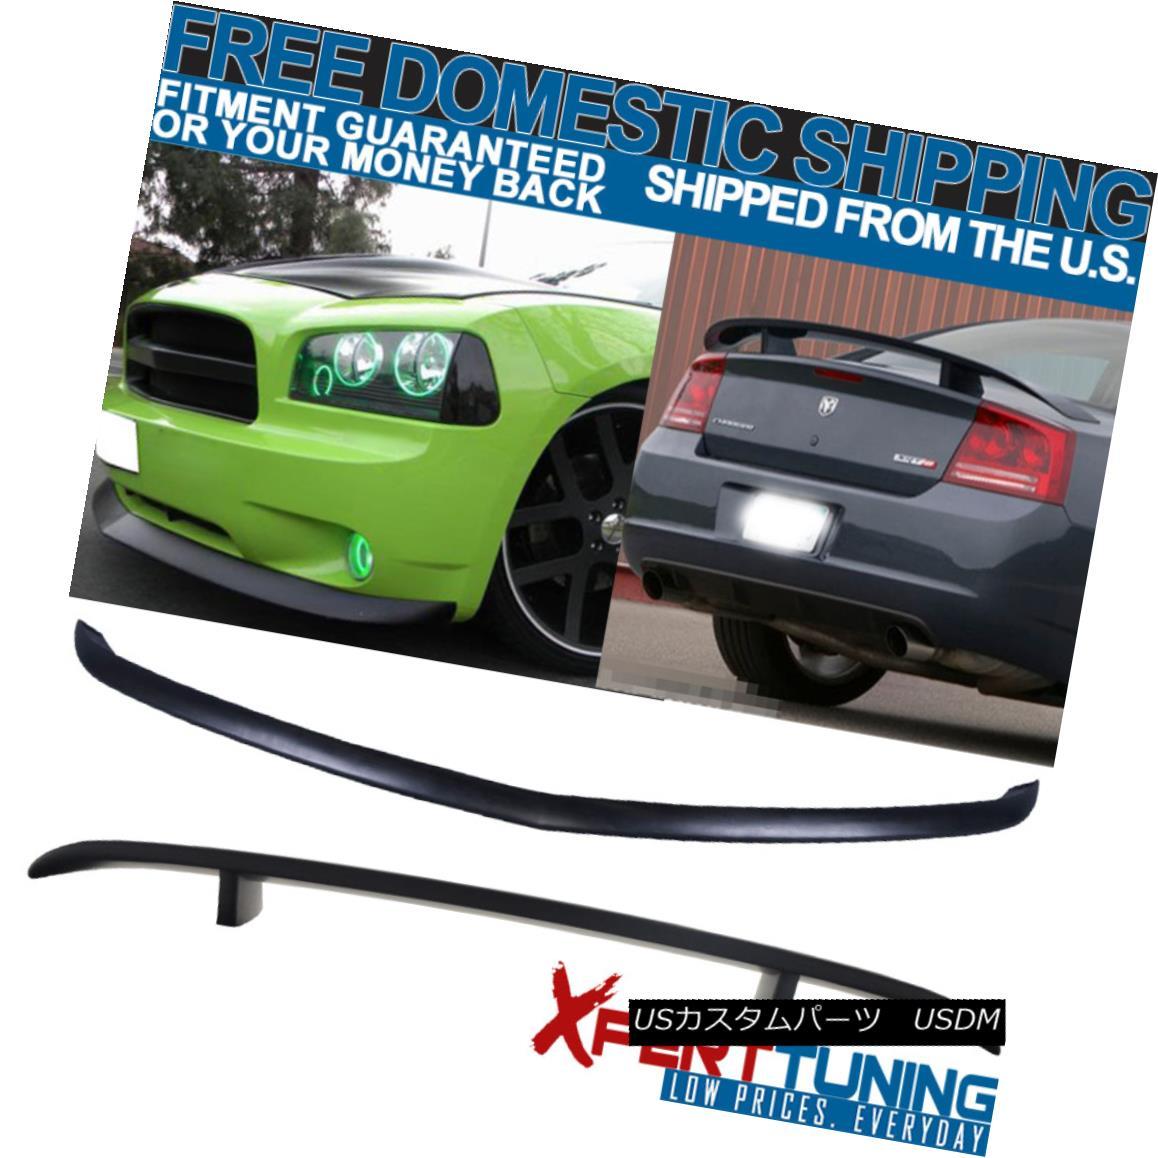 エアロパーツ Fit 06-10 Dodge Charger PU Front Bumper Lip & Matte Black ABS Rear Trunk Spoiler フィット06-10ダッジチャージャーPUフロントバンパーリップ& マットブラックABSリアトランクスポイラー